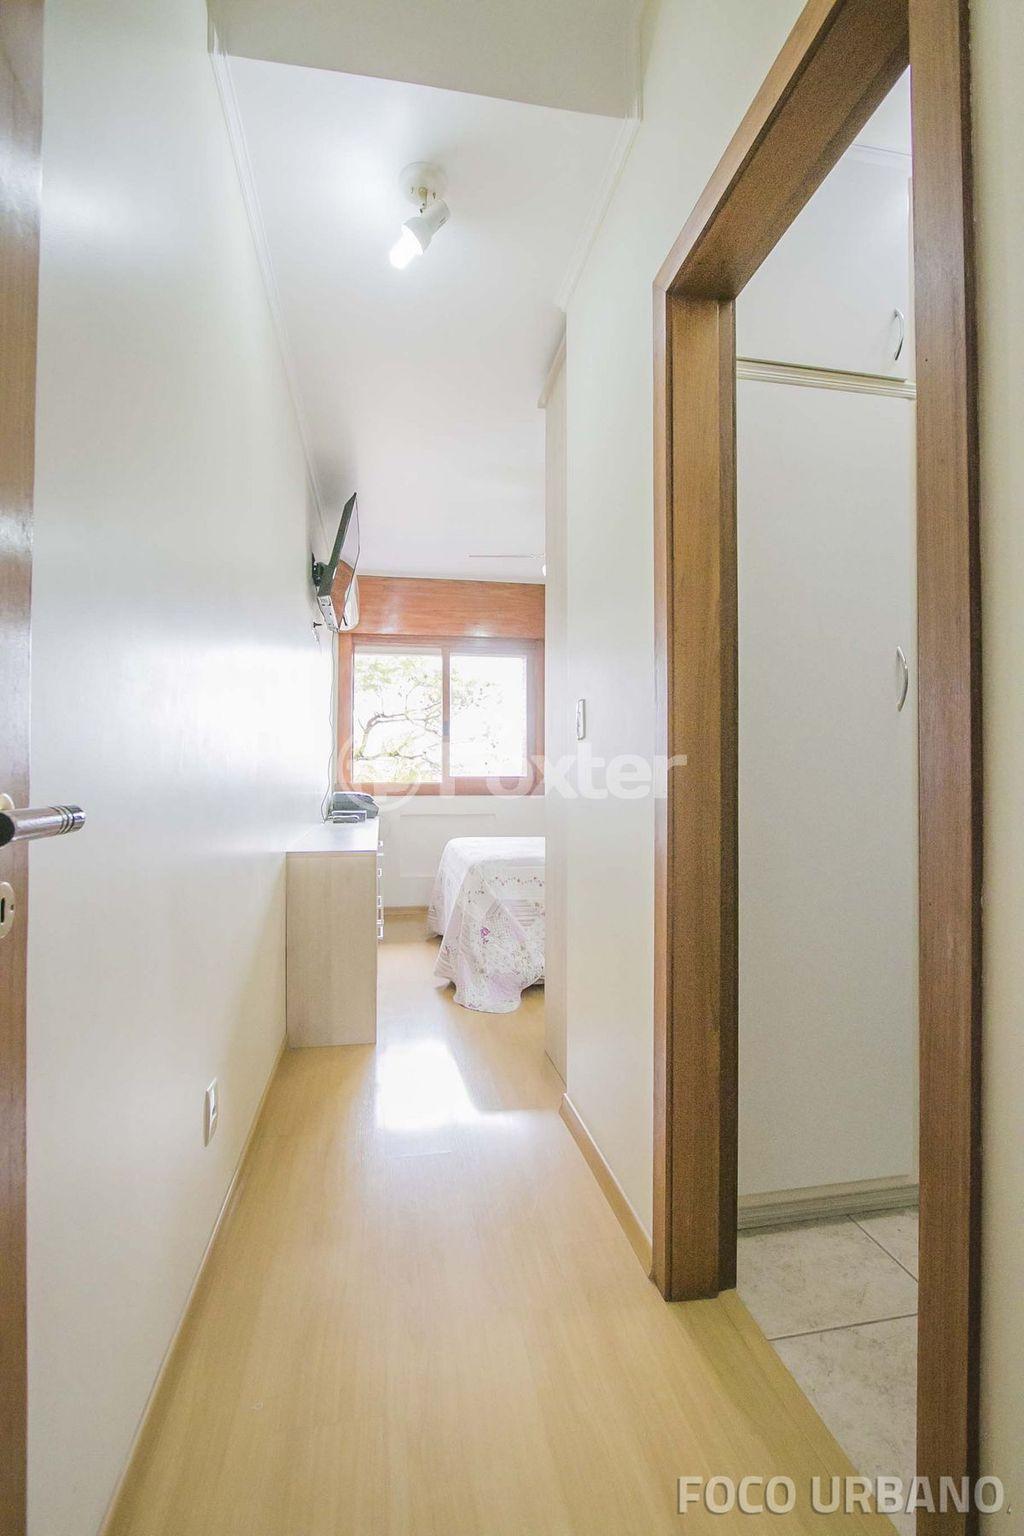 Foxter Imobiliária - Cobertura 4 Dorm (145795) - Foto 12